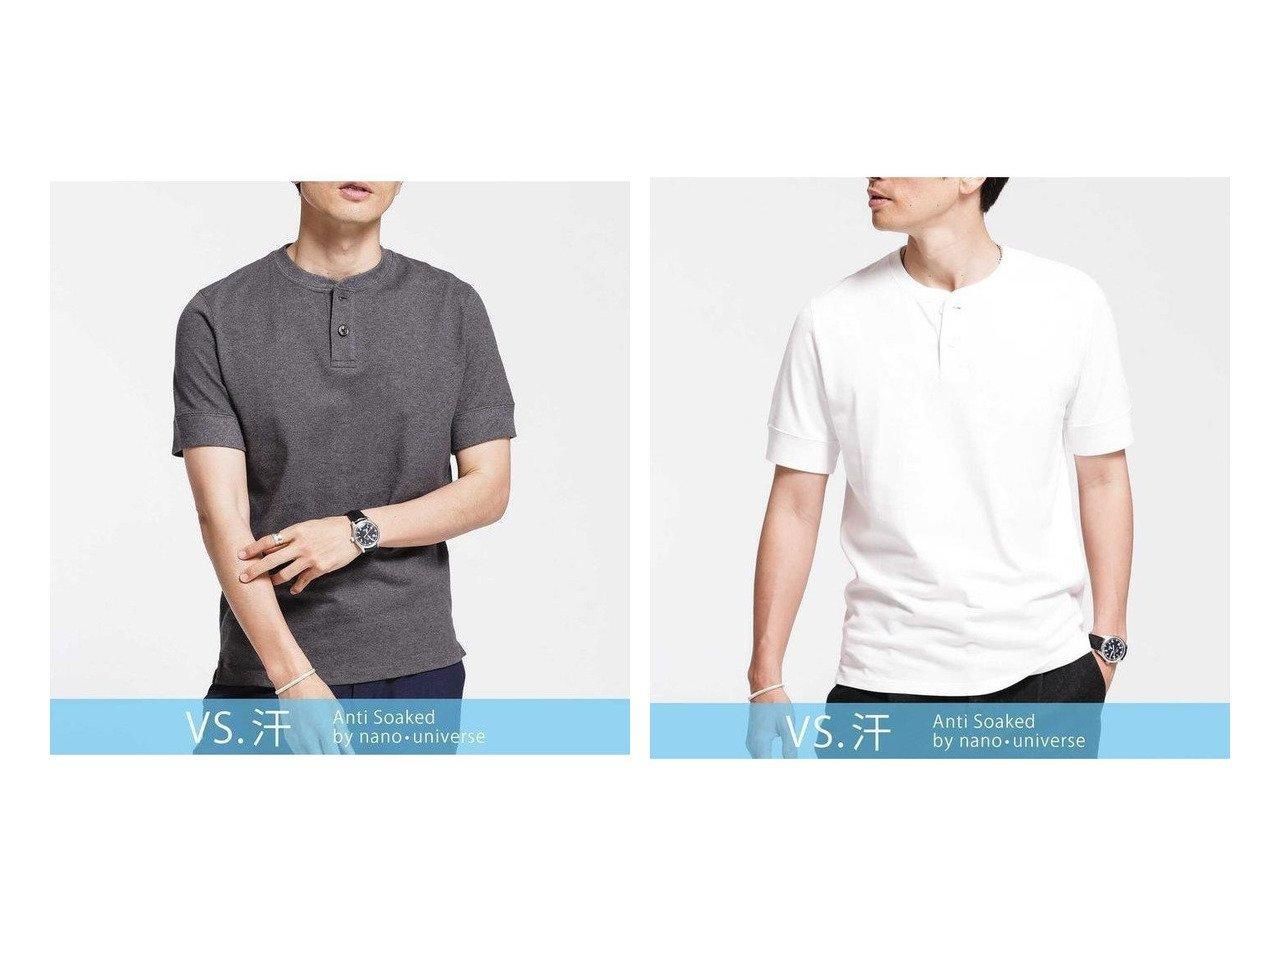 【nano universe / MEN/ナノ ユニバース】の《汗染み防止》Anti Soaked ヘビーヘンリーネック Tシャツ_ 【MEN】おすすめ!人気トレンド・男性、メンズファッションの通販 おすすめで人気の流行・トレンド、ファッションの通販商品 メンズファッション・キッズファッション・インテリア・家具・レディースファッション・服の通販 founy(ファニー) https://founy.com/ ファッション Fashion メンズファッション MEN トップス カットソー Tops Tshirt Men シャツ Shirts インナー カットソー 定番 Standard 人気 バランス 2020年 2020 S/S 春夏 SS Spring/Summer 2020 春夏 S/S SS Spring/Summer 2020 NEW・新作・新着・新入荷 New Arrivals おすすめ Recommend |ID:crp329100000023089